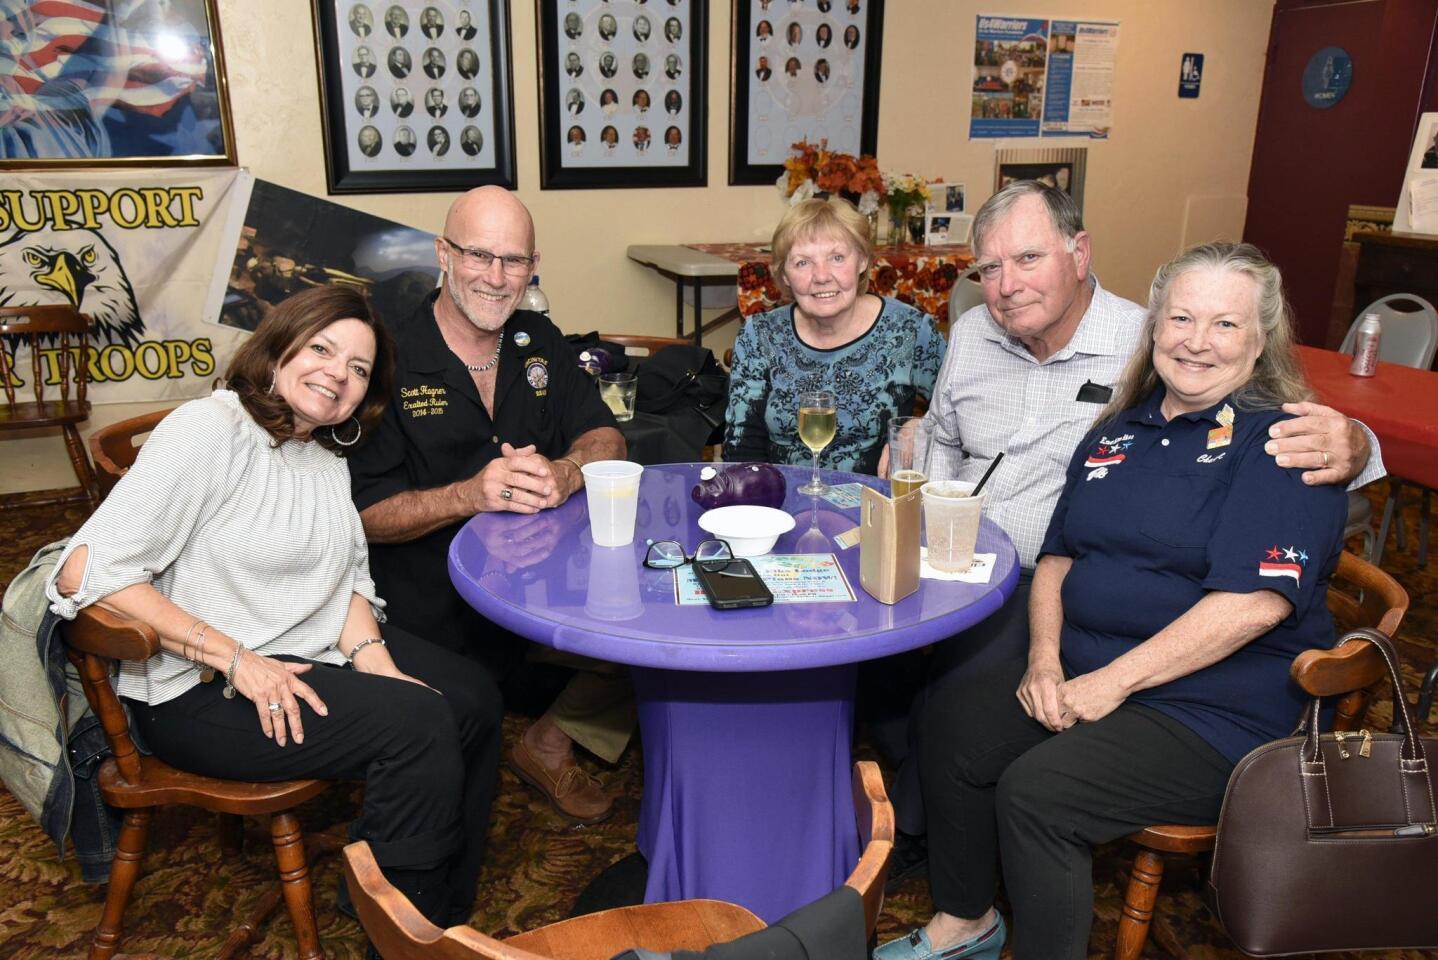 Encinitas Elks Lodge hosts annual Veterans Day Dinner